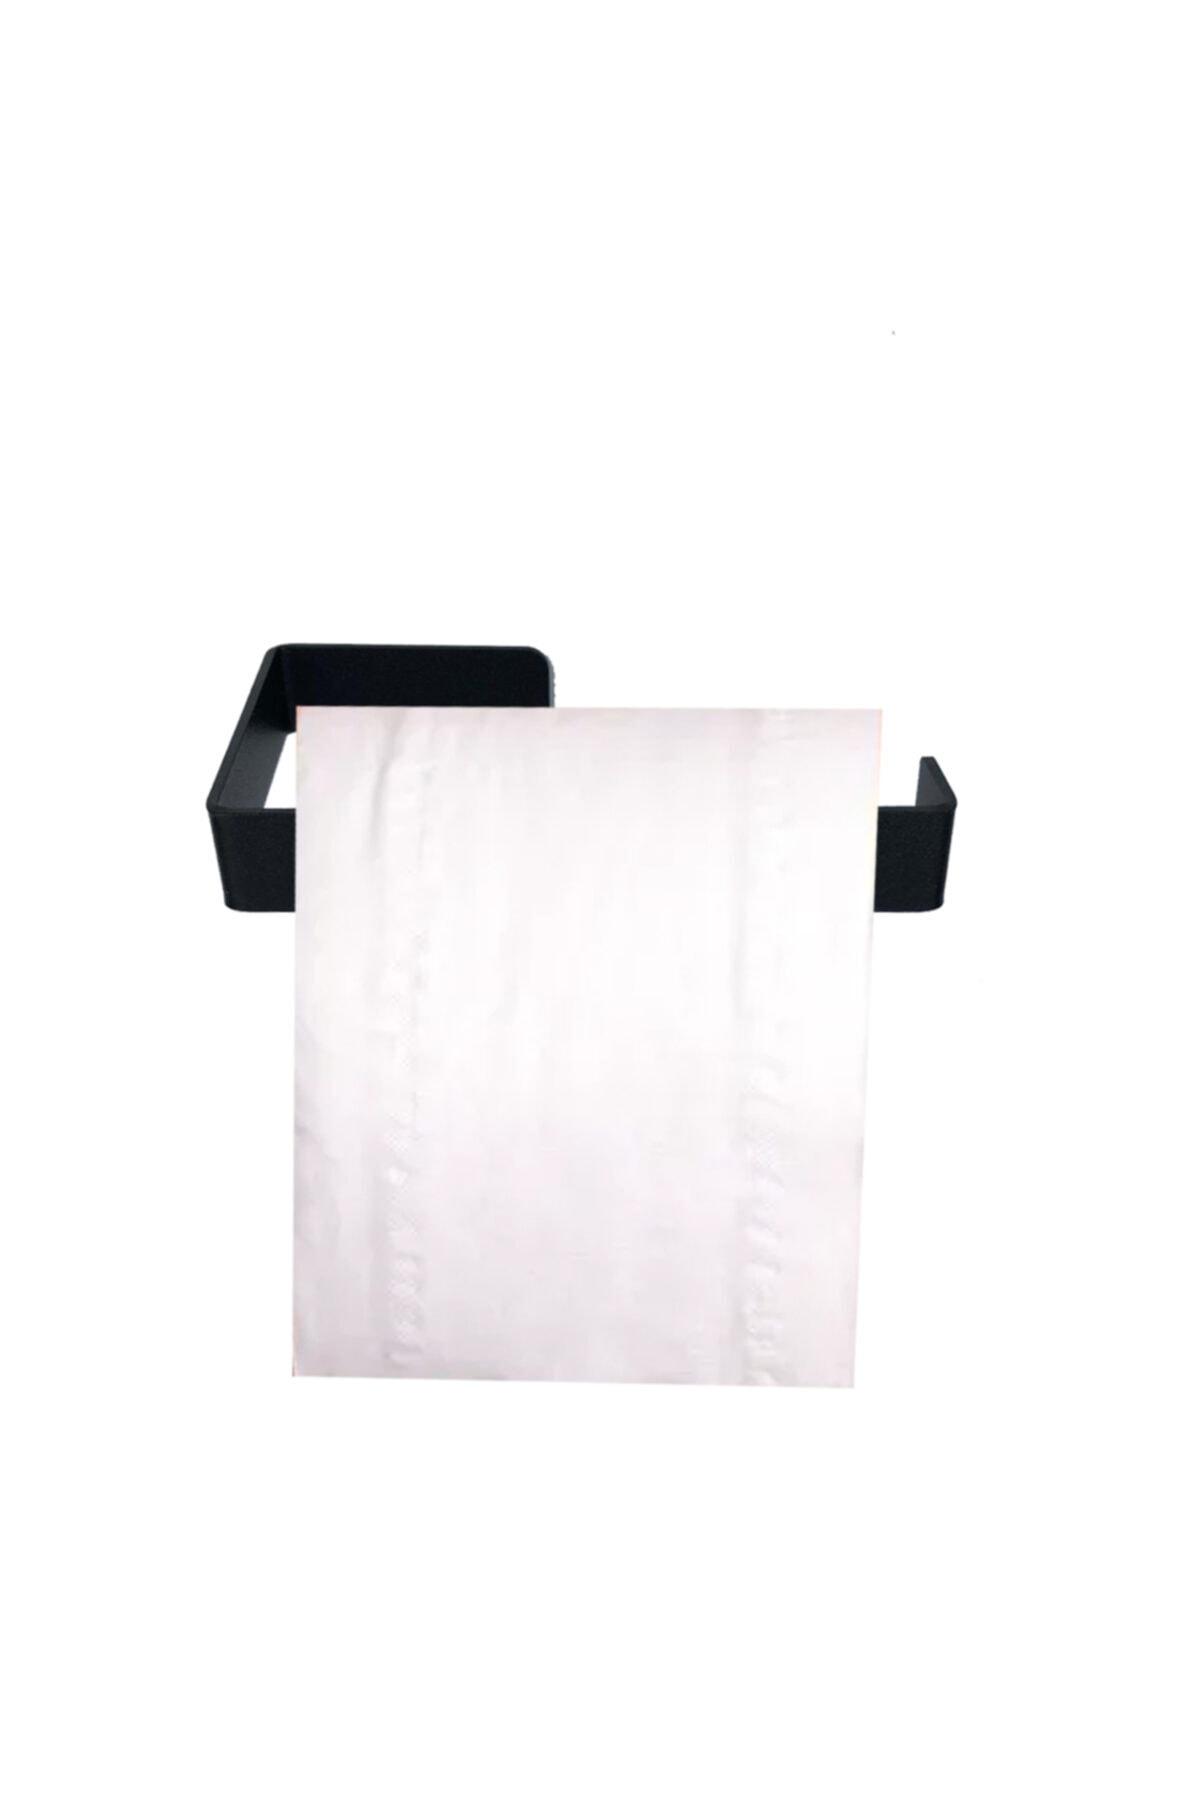 Love Gifts Skogs Çelik Tuvalet Kağıtlığı Tuvalet Kağıdı Askısı-siyah 2